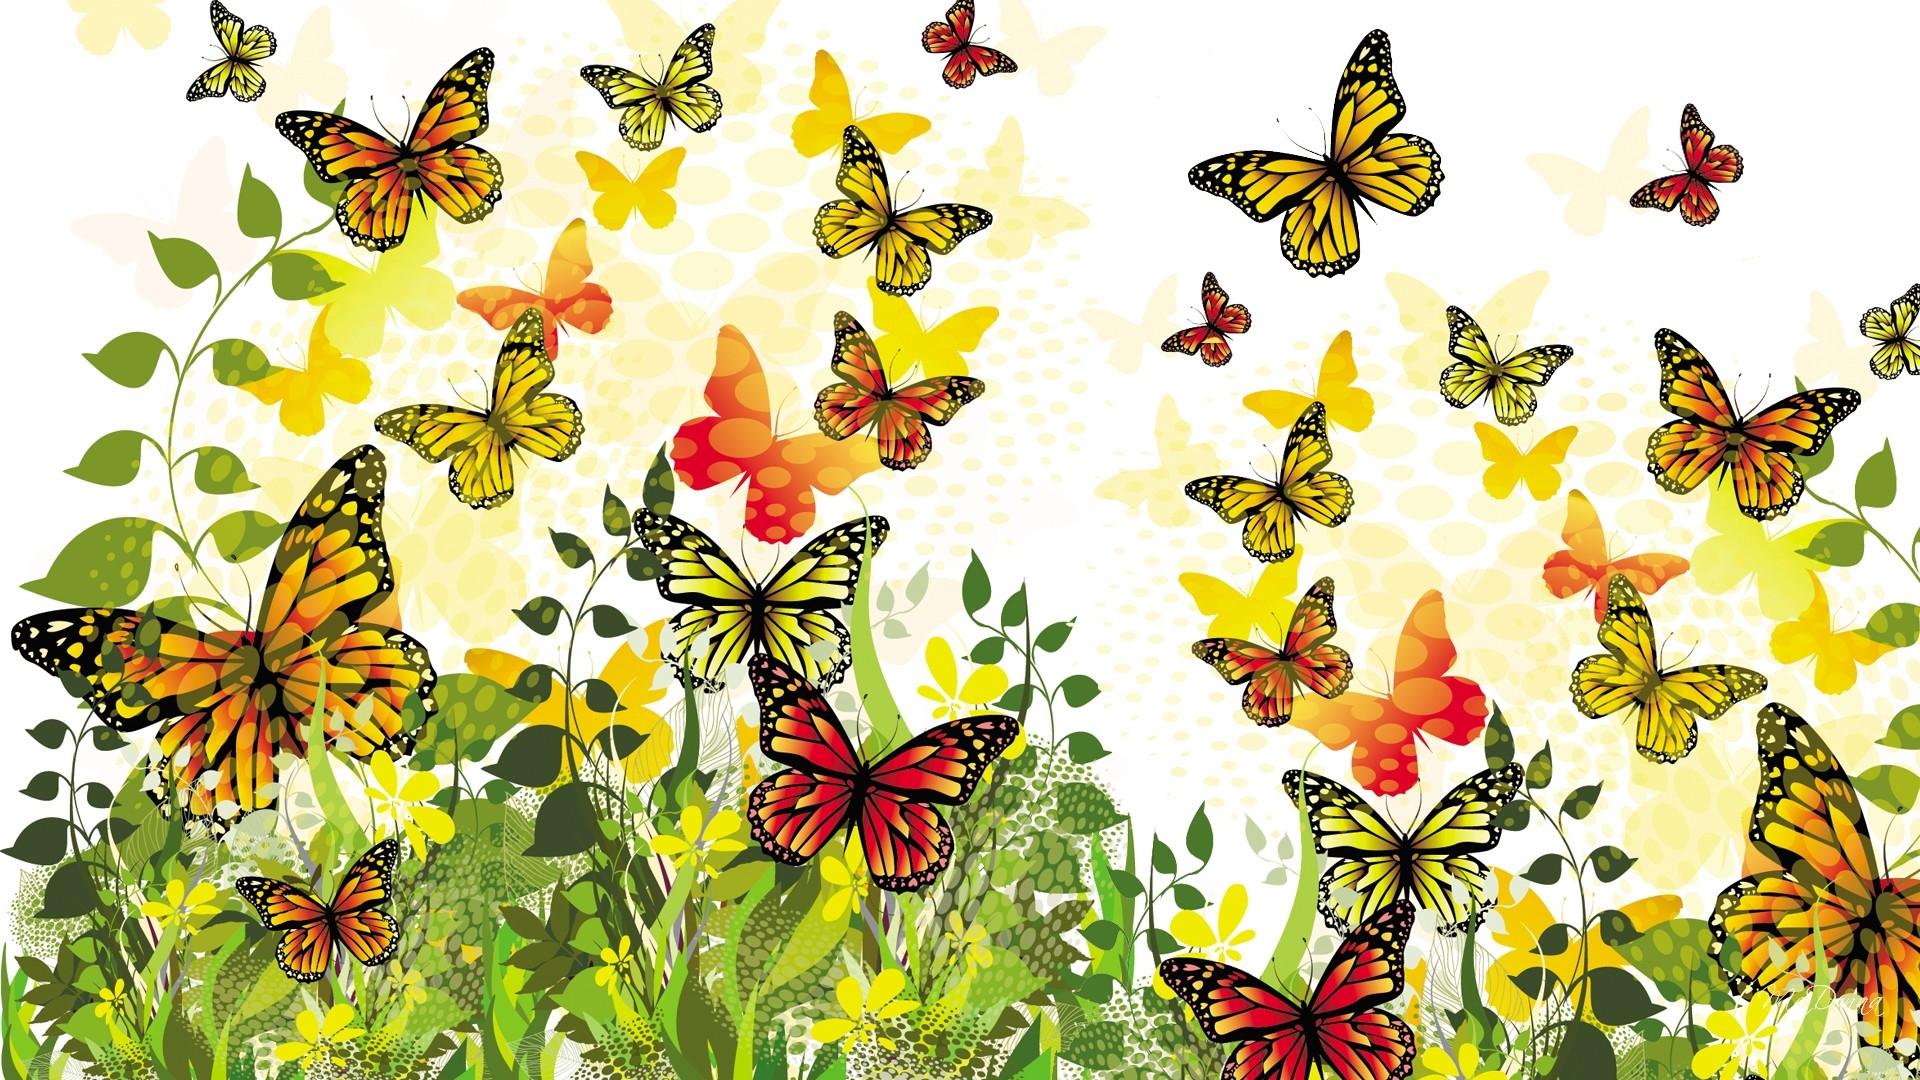 Butterflies wallpapers free download for Sfondi con farfalle